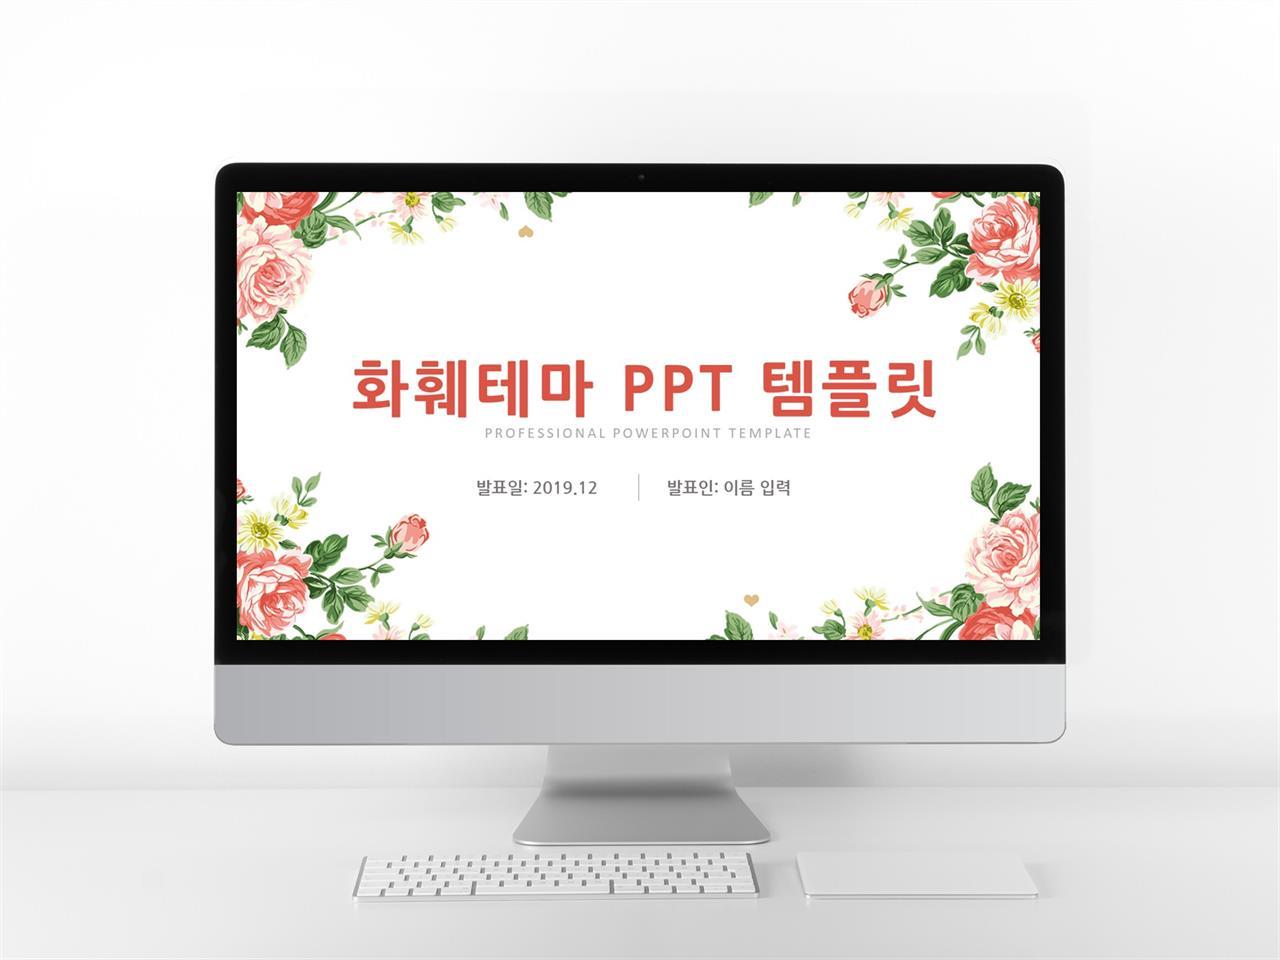 화훼, 동물주제 핑크색 아담한 고급스럽운 PPT탬플릿 사이트 미리보기